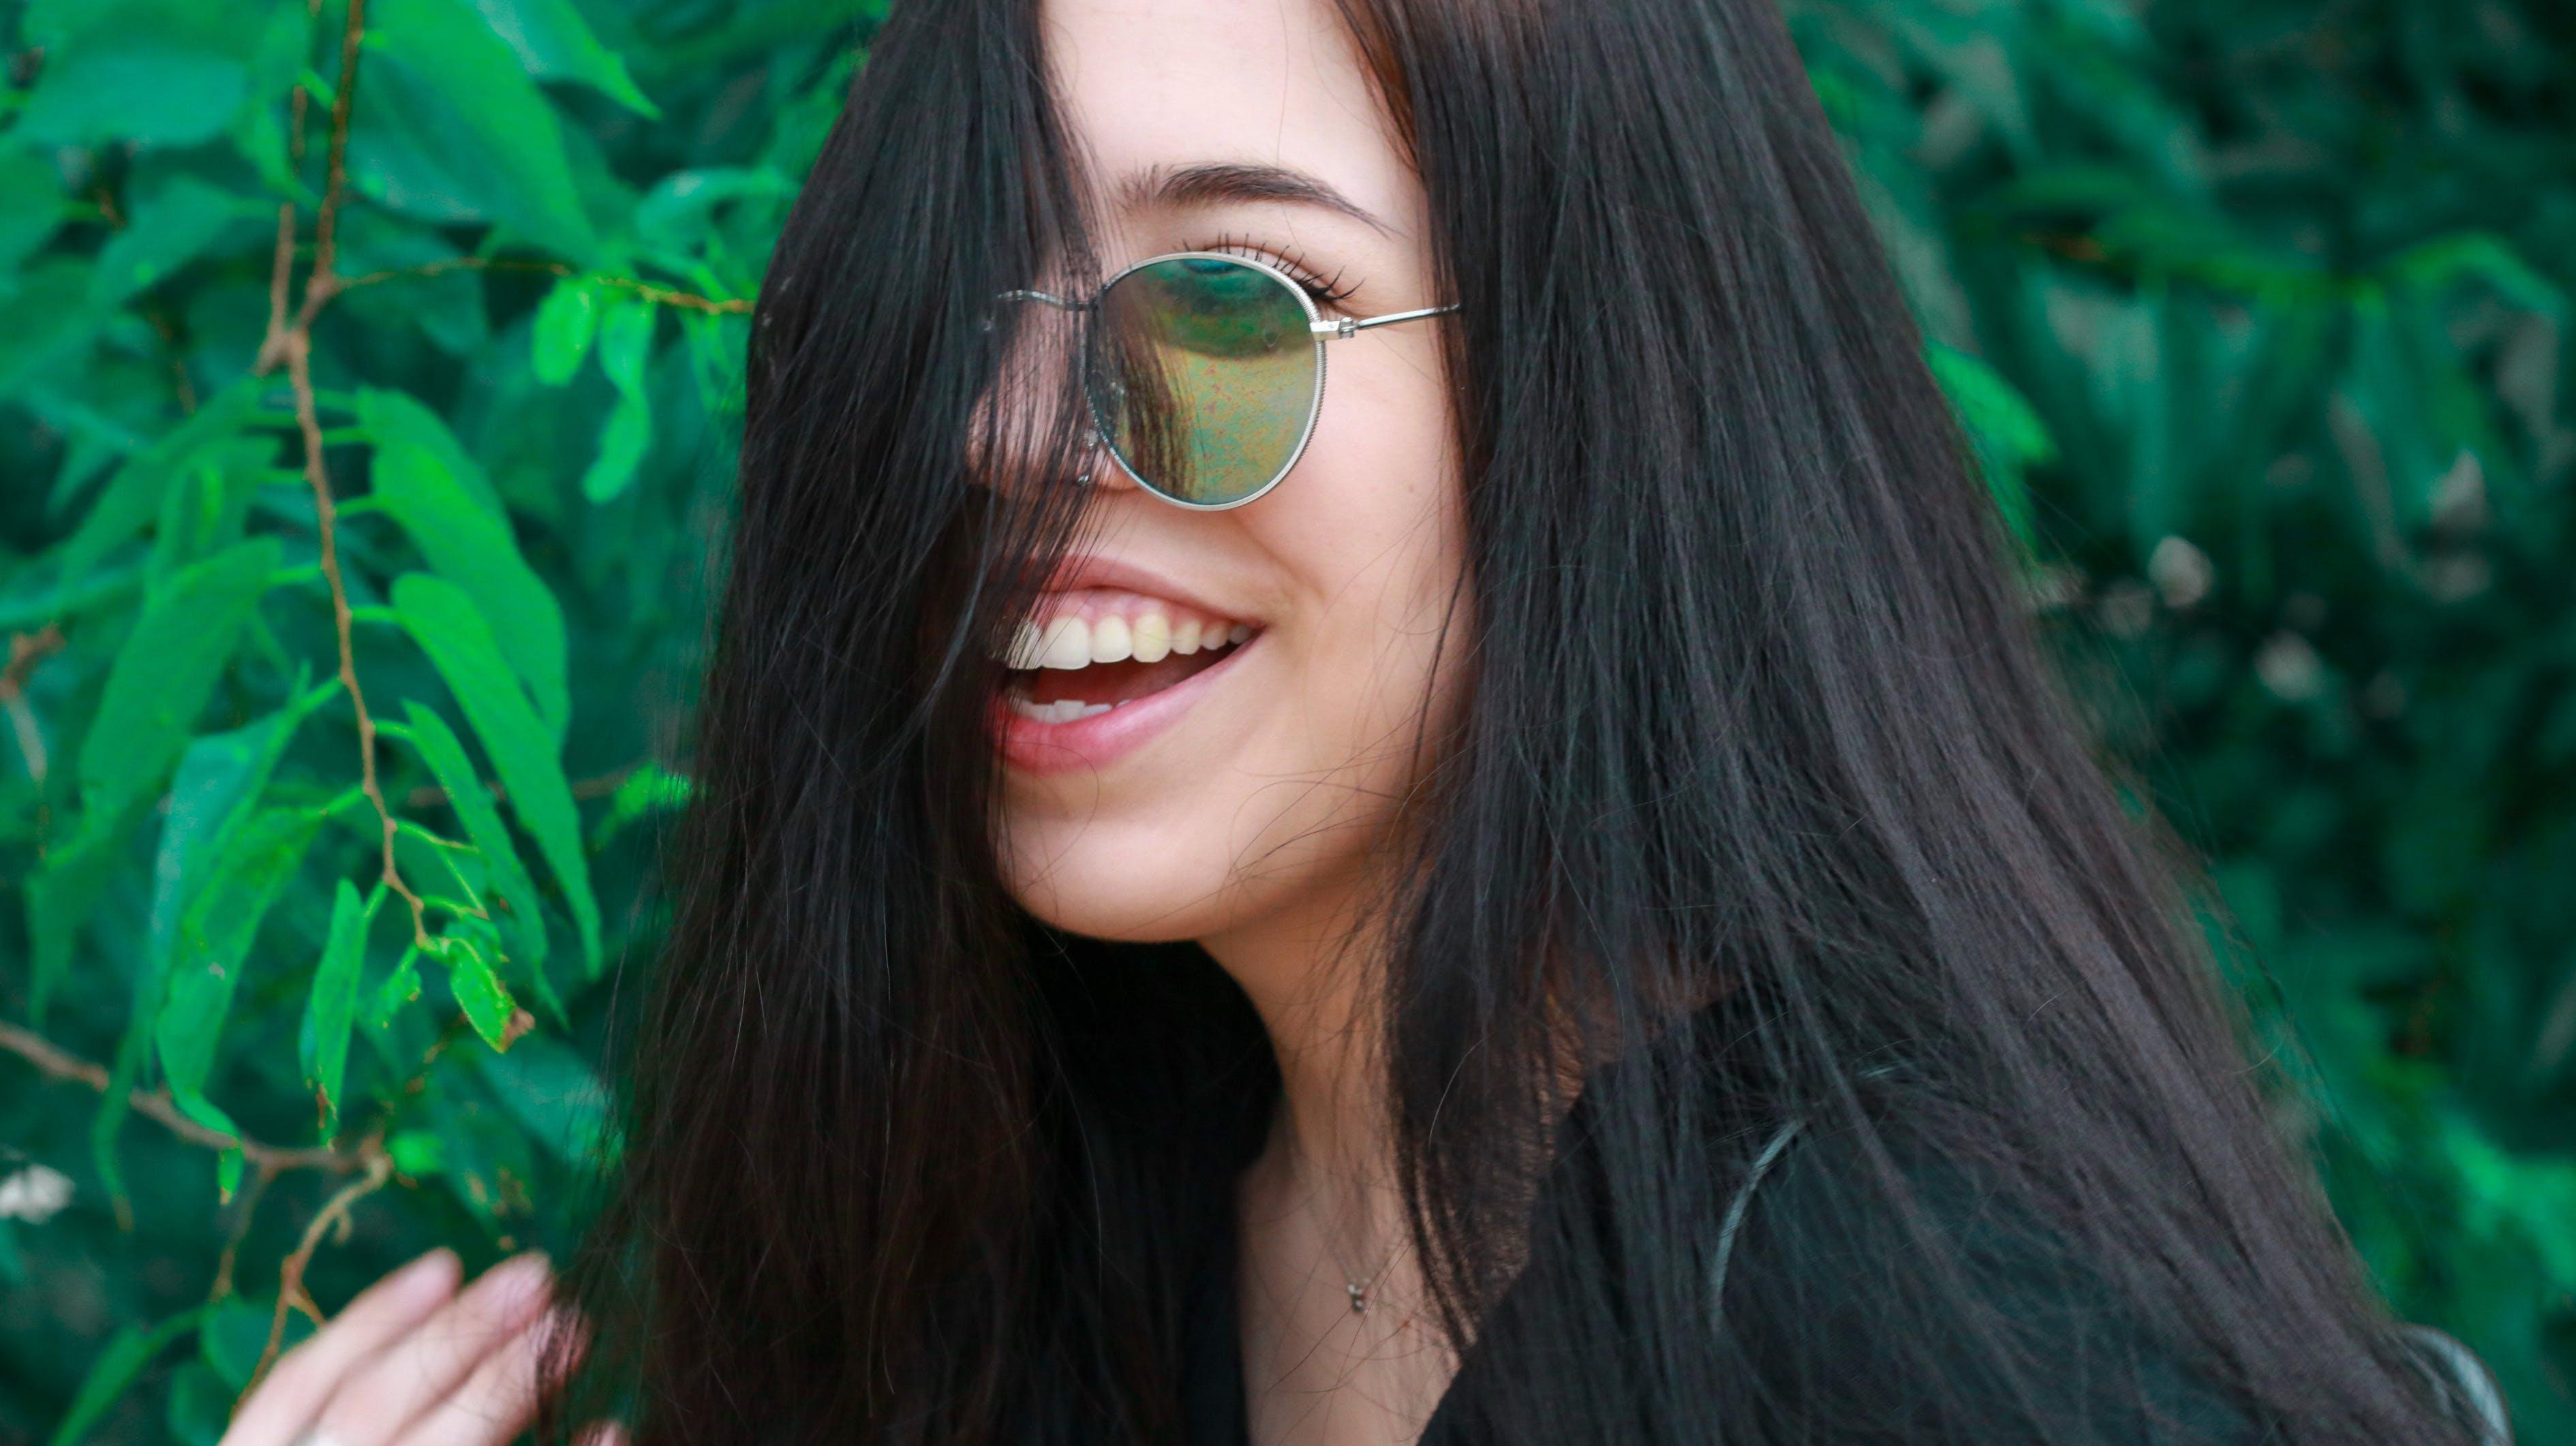 hindari good-girl syndrome, percaya dan yakin diri sendiri